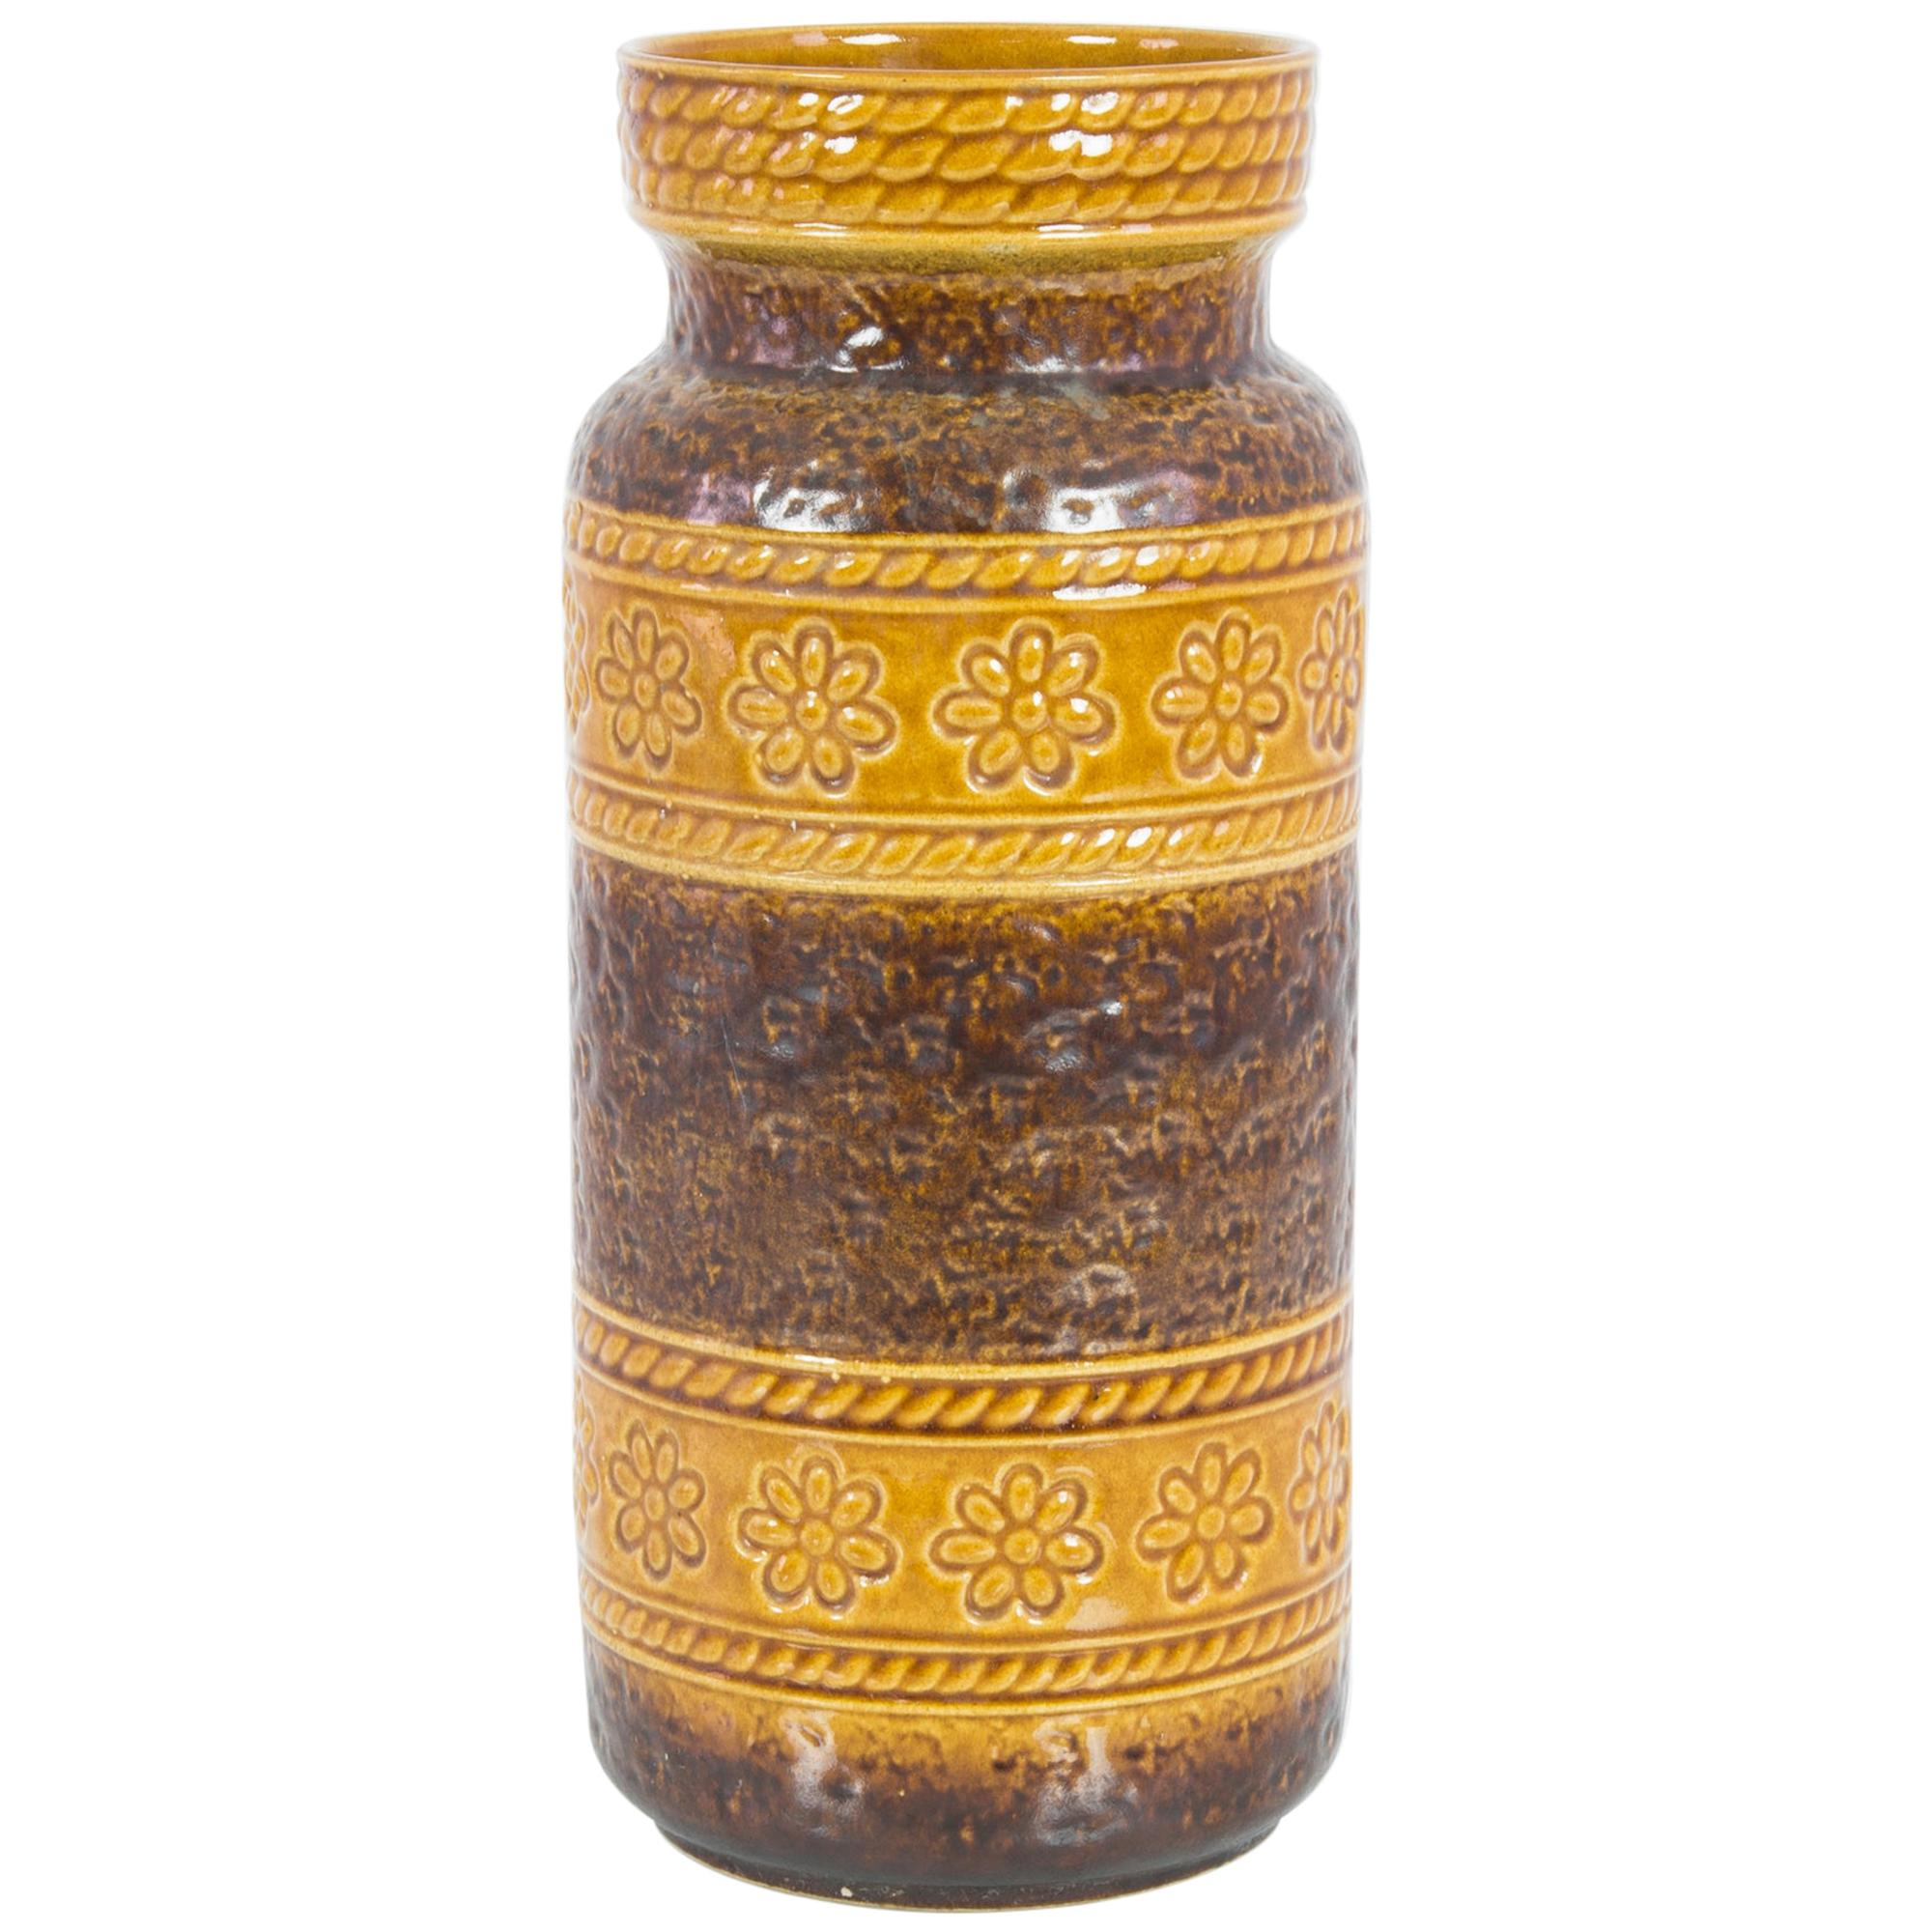 1960s W. Germany Ceramic Vase